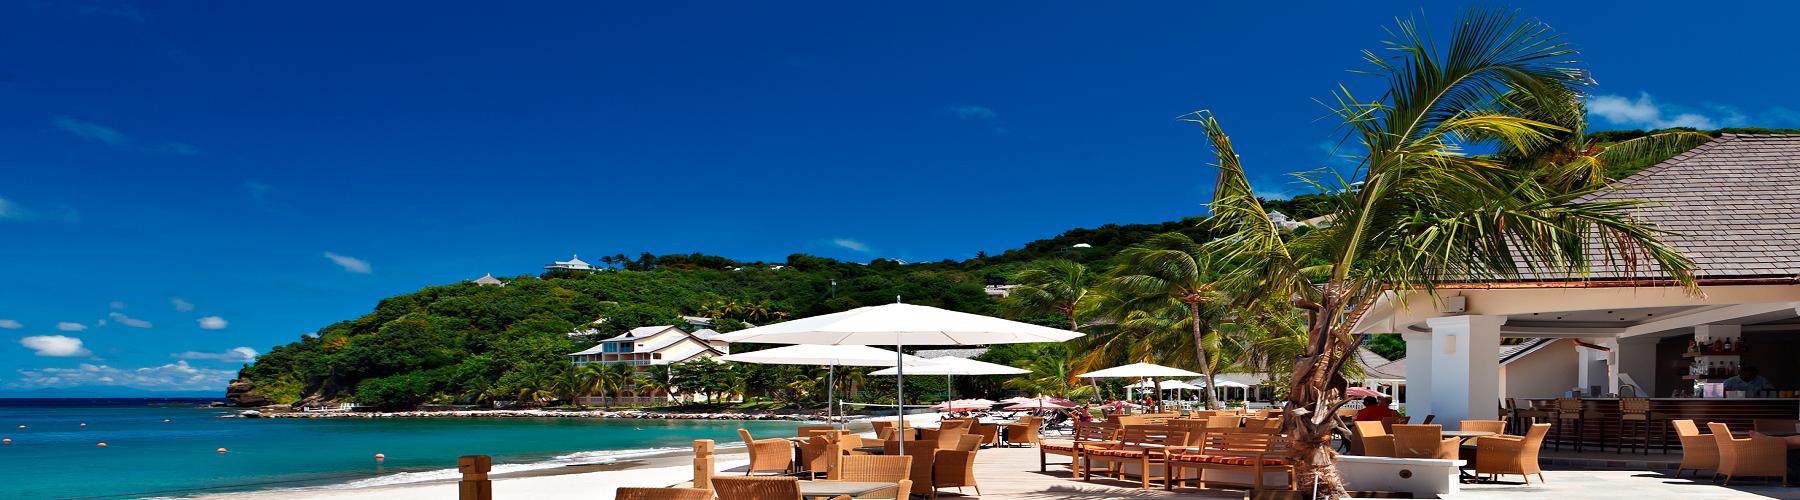 Сент-Люсия отдых на самом красивом острове в Карибском море